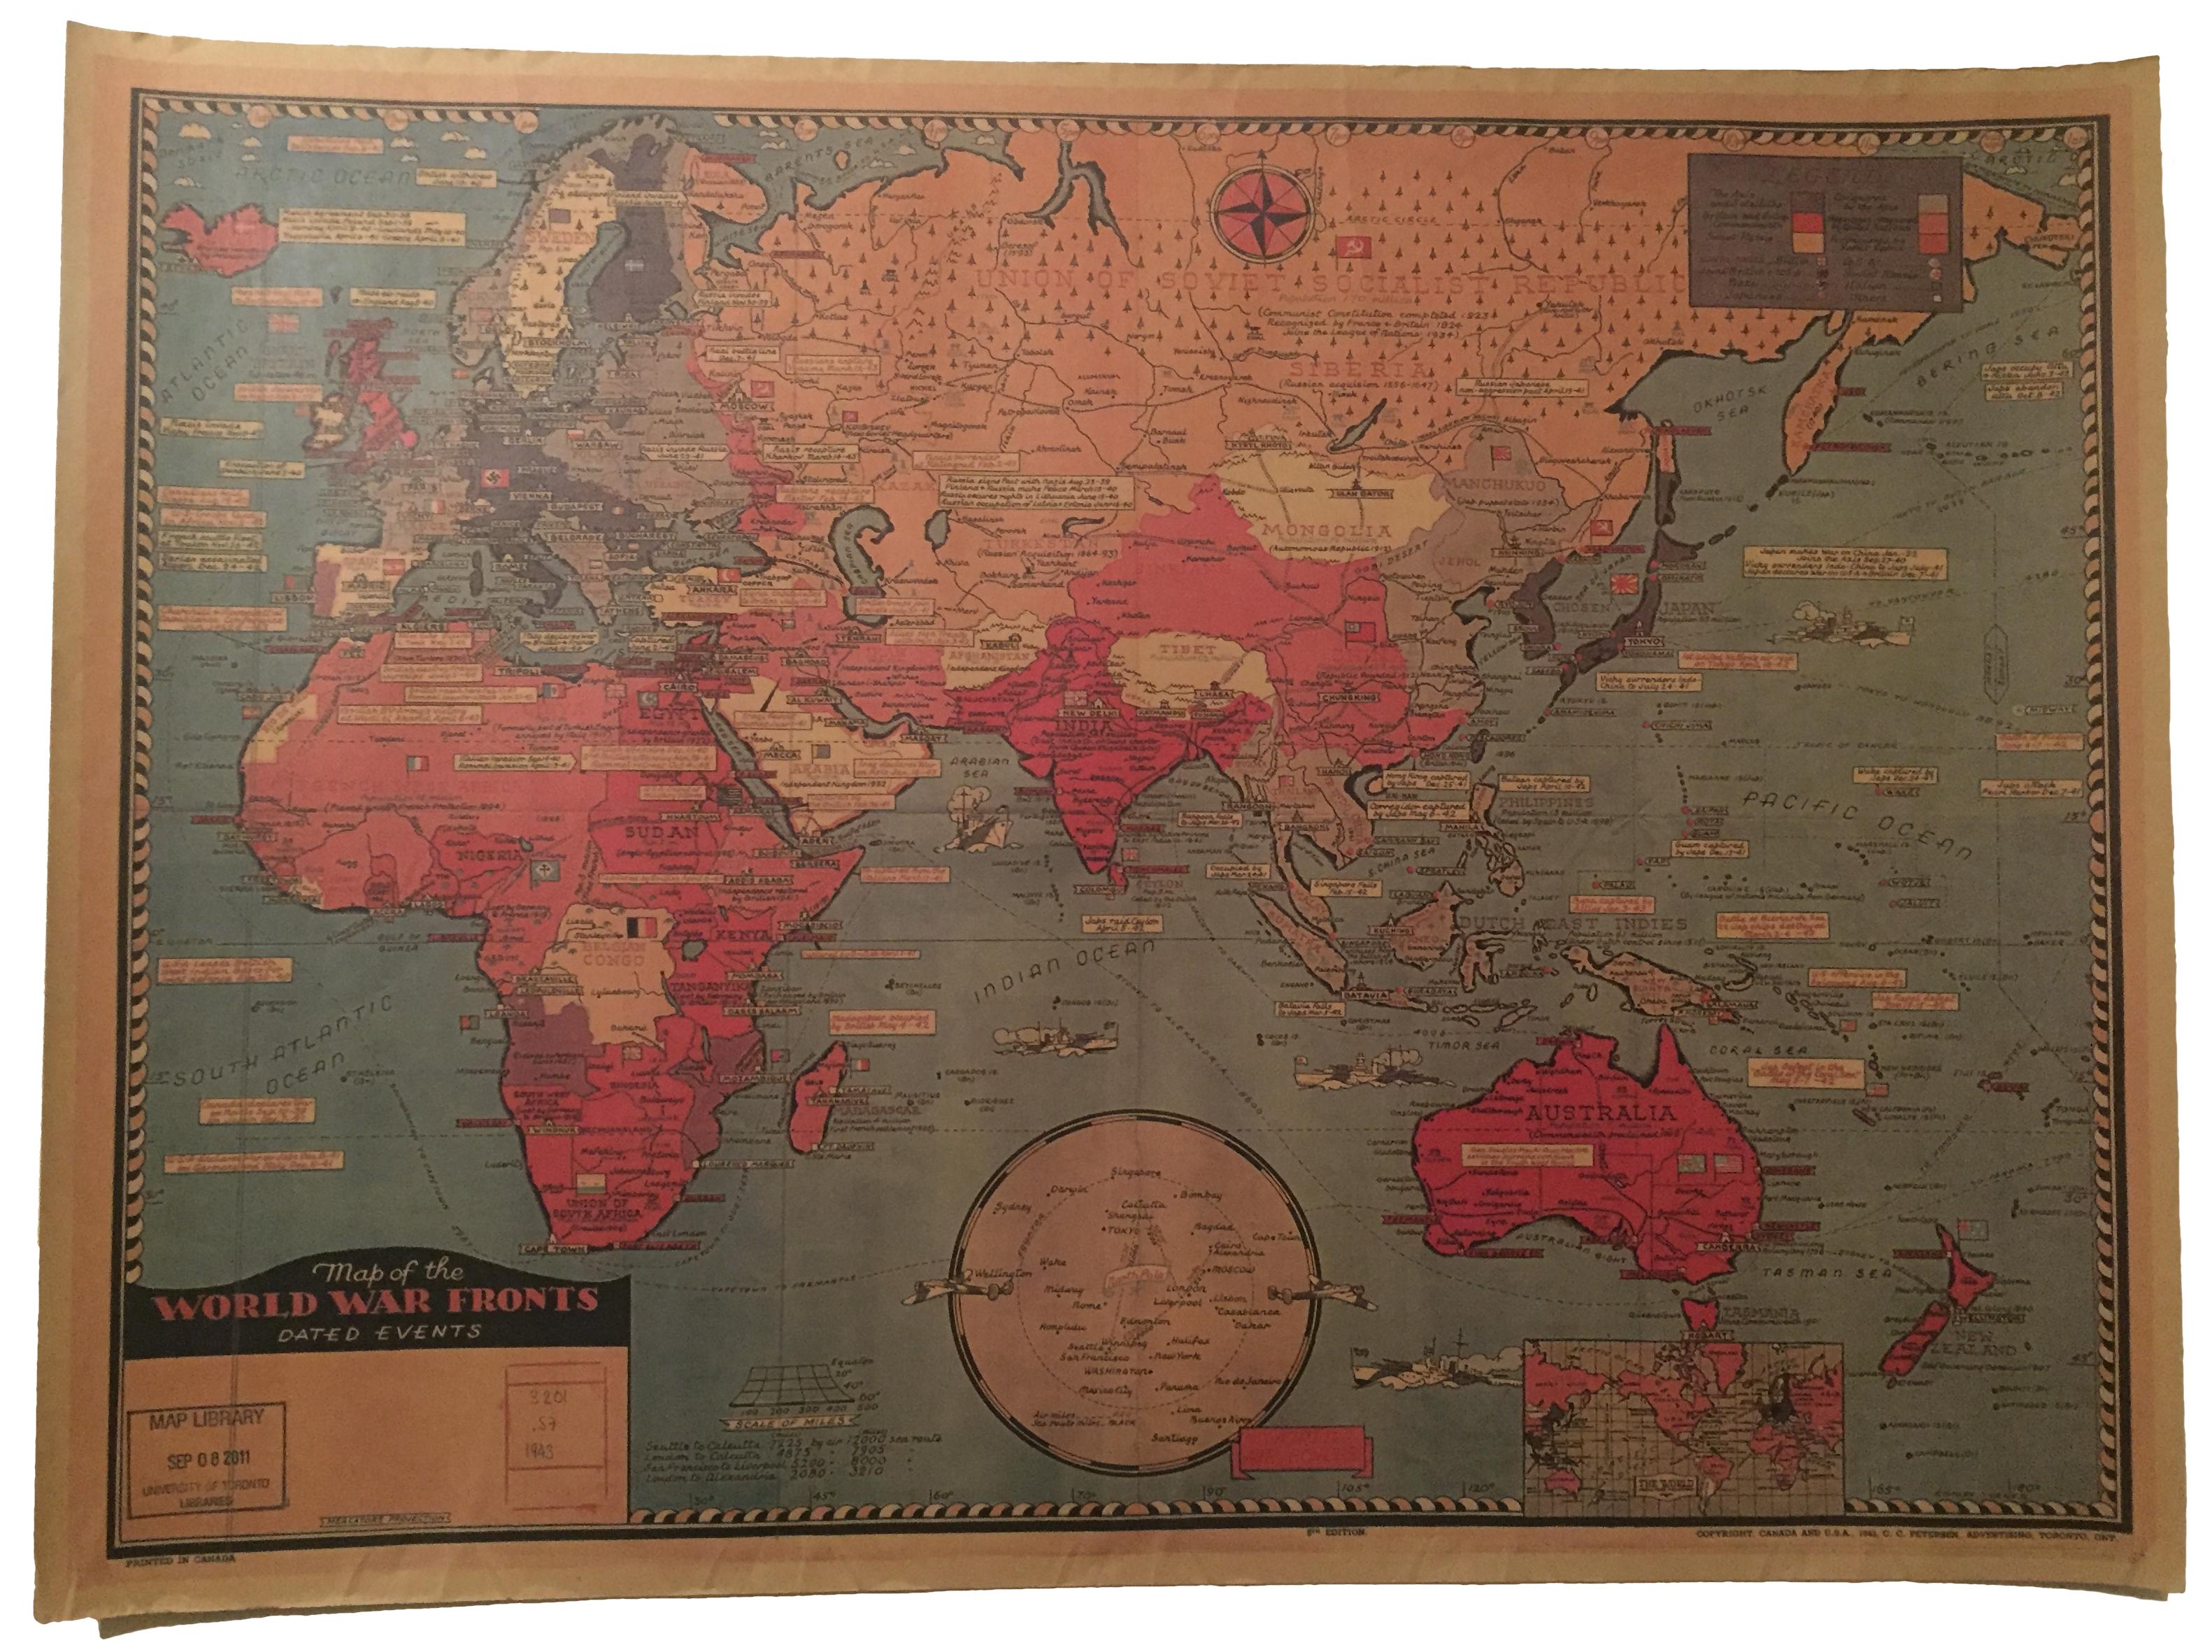 salg av kart Kart over andre verdenskrig – Kartmesteren.no salg av kart